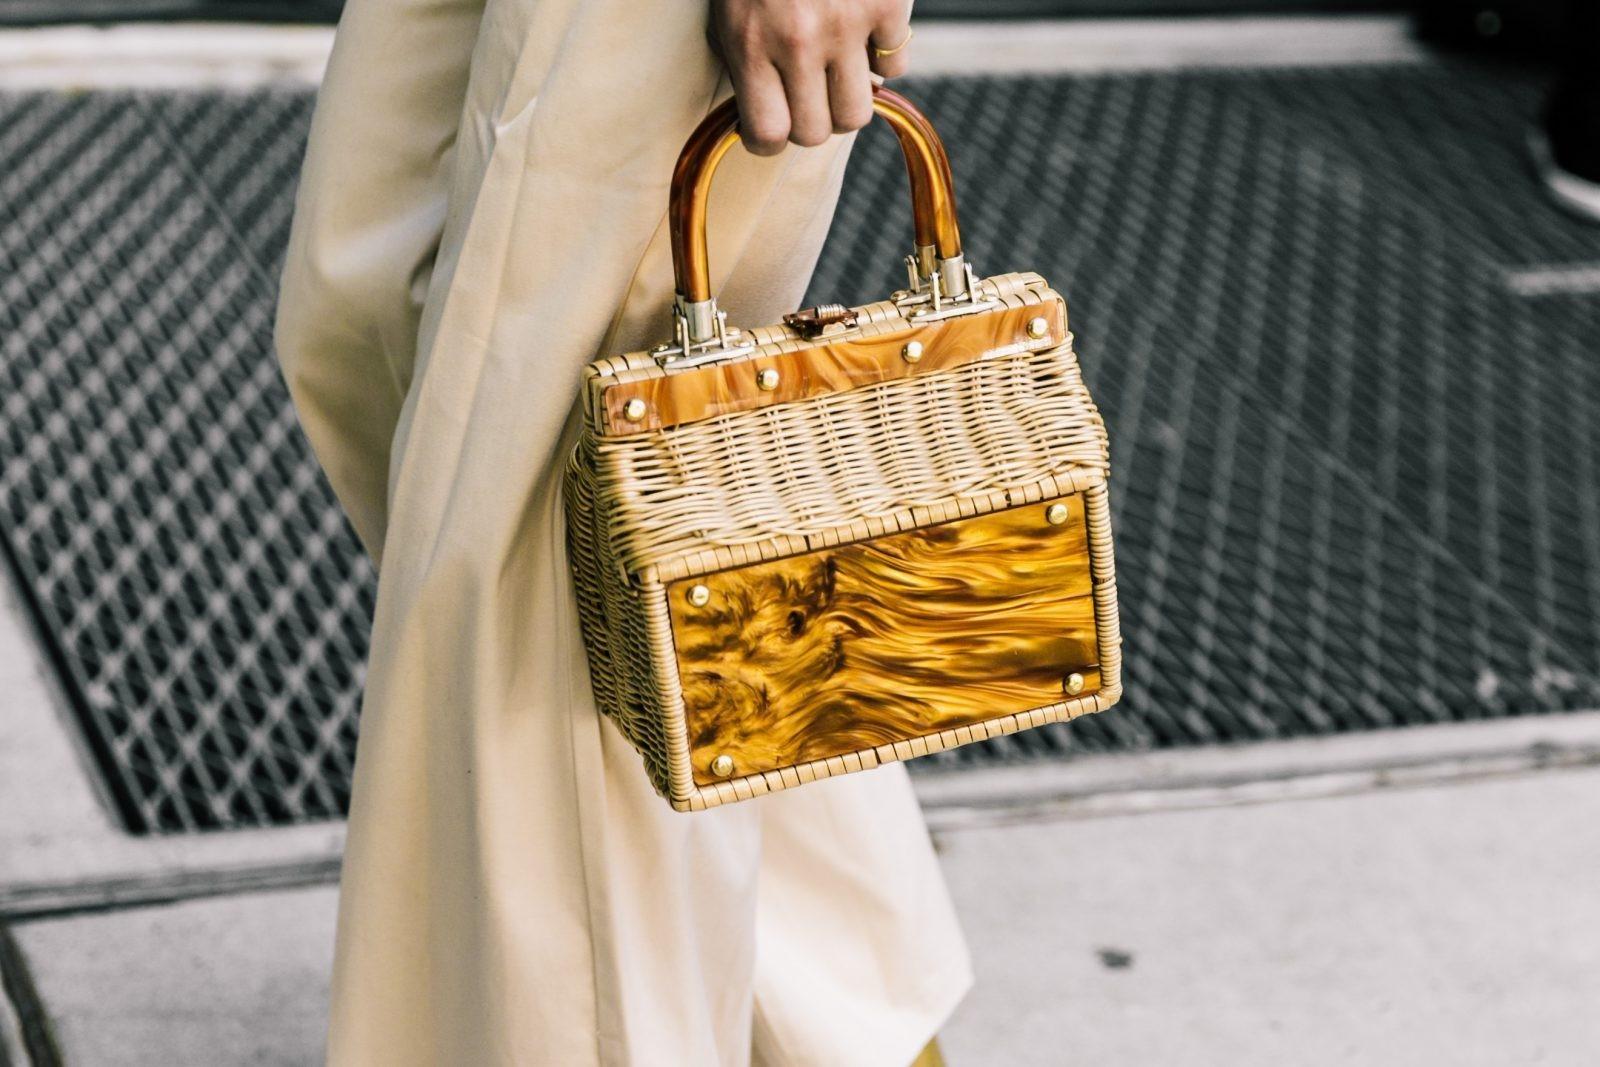 Damentaschen Trends - Klamotten 2019